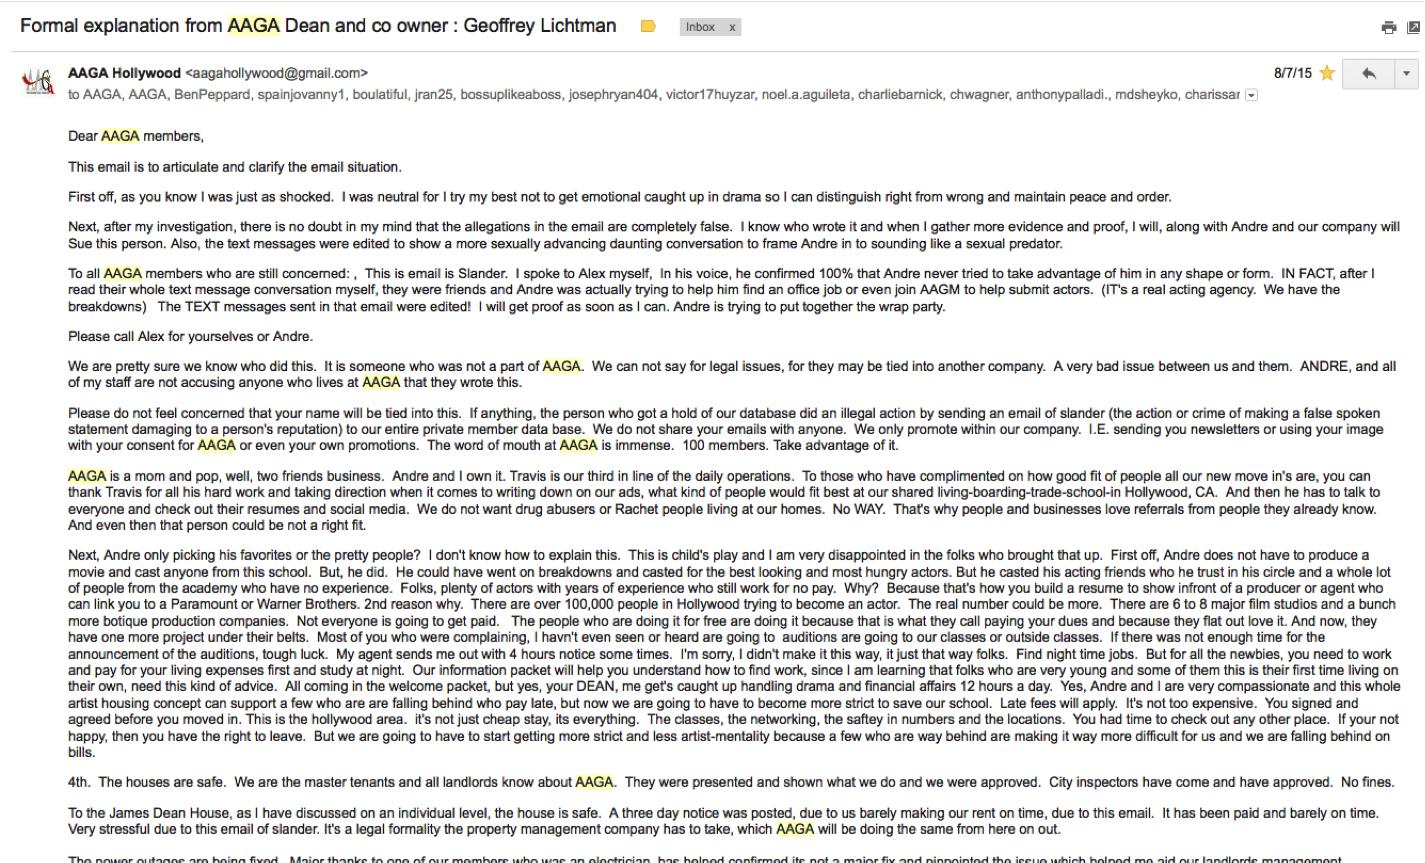 Geoffrey Lichtman response to Andre Bautista allegations